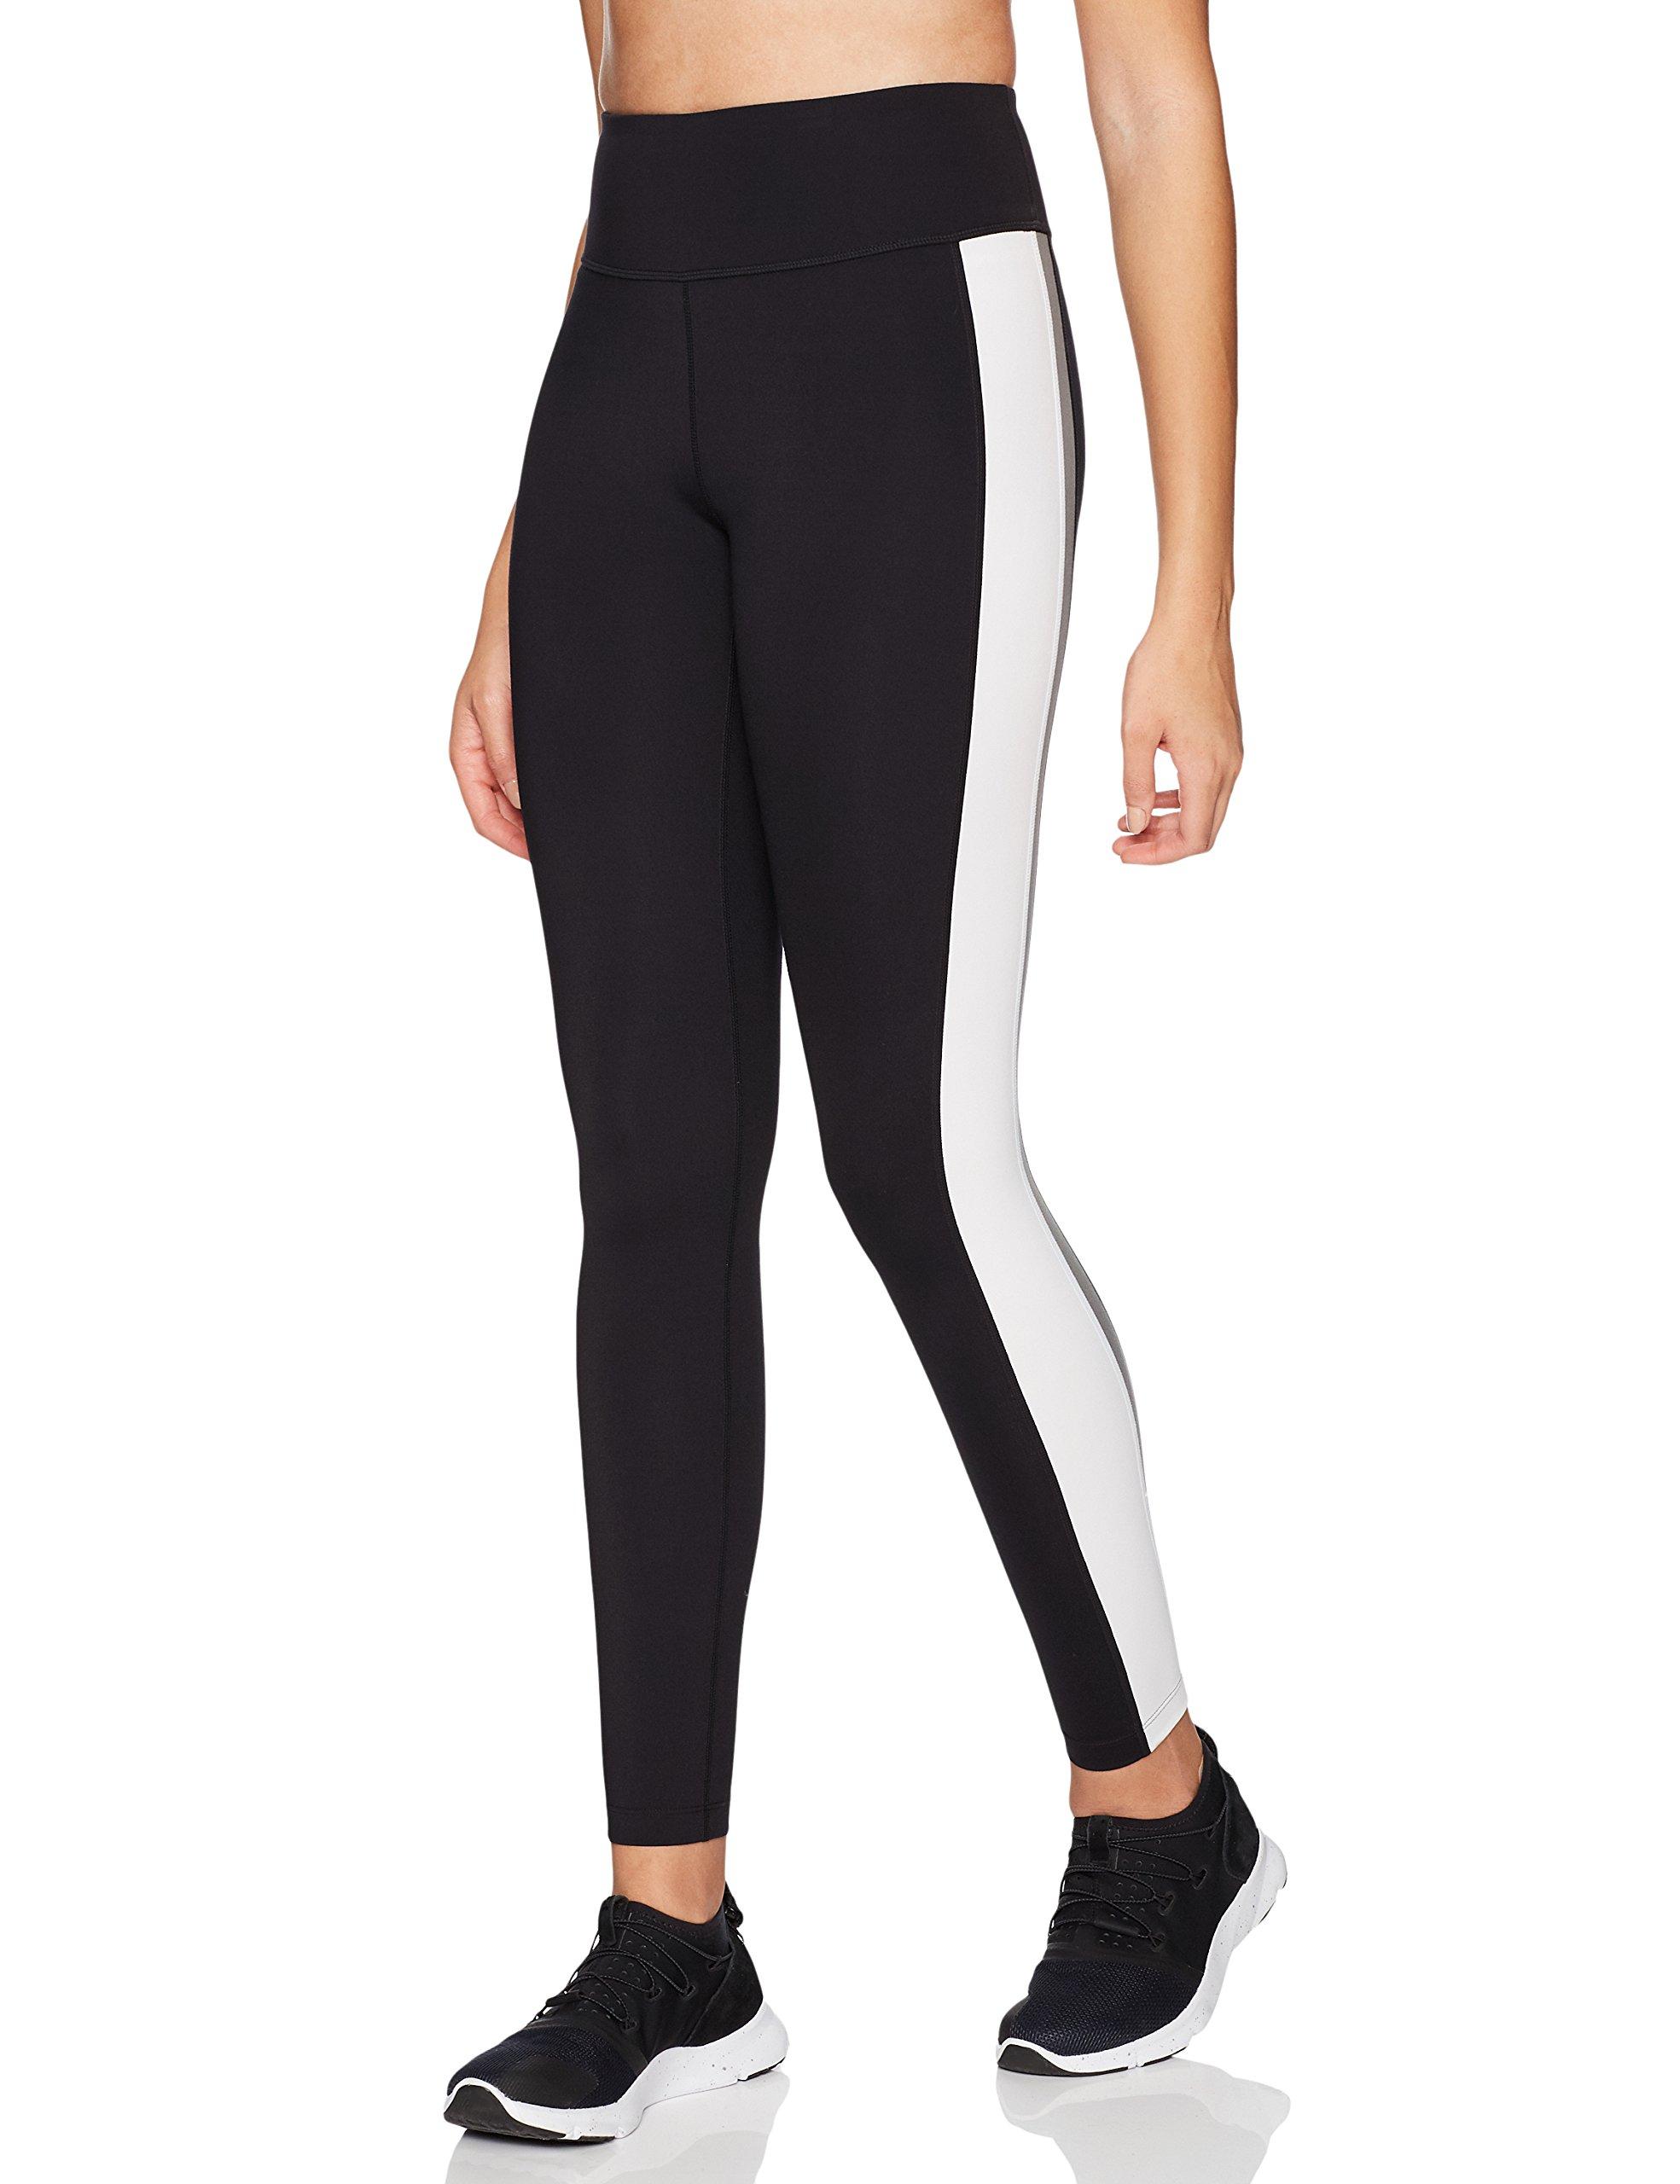 Core 10 Women's Icon Series - The Track Star Legging, Black/Grey/White, Small